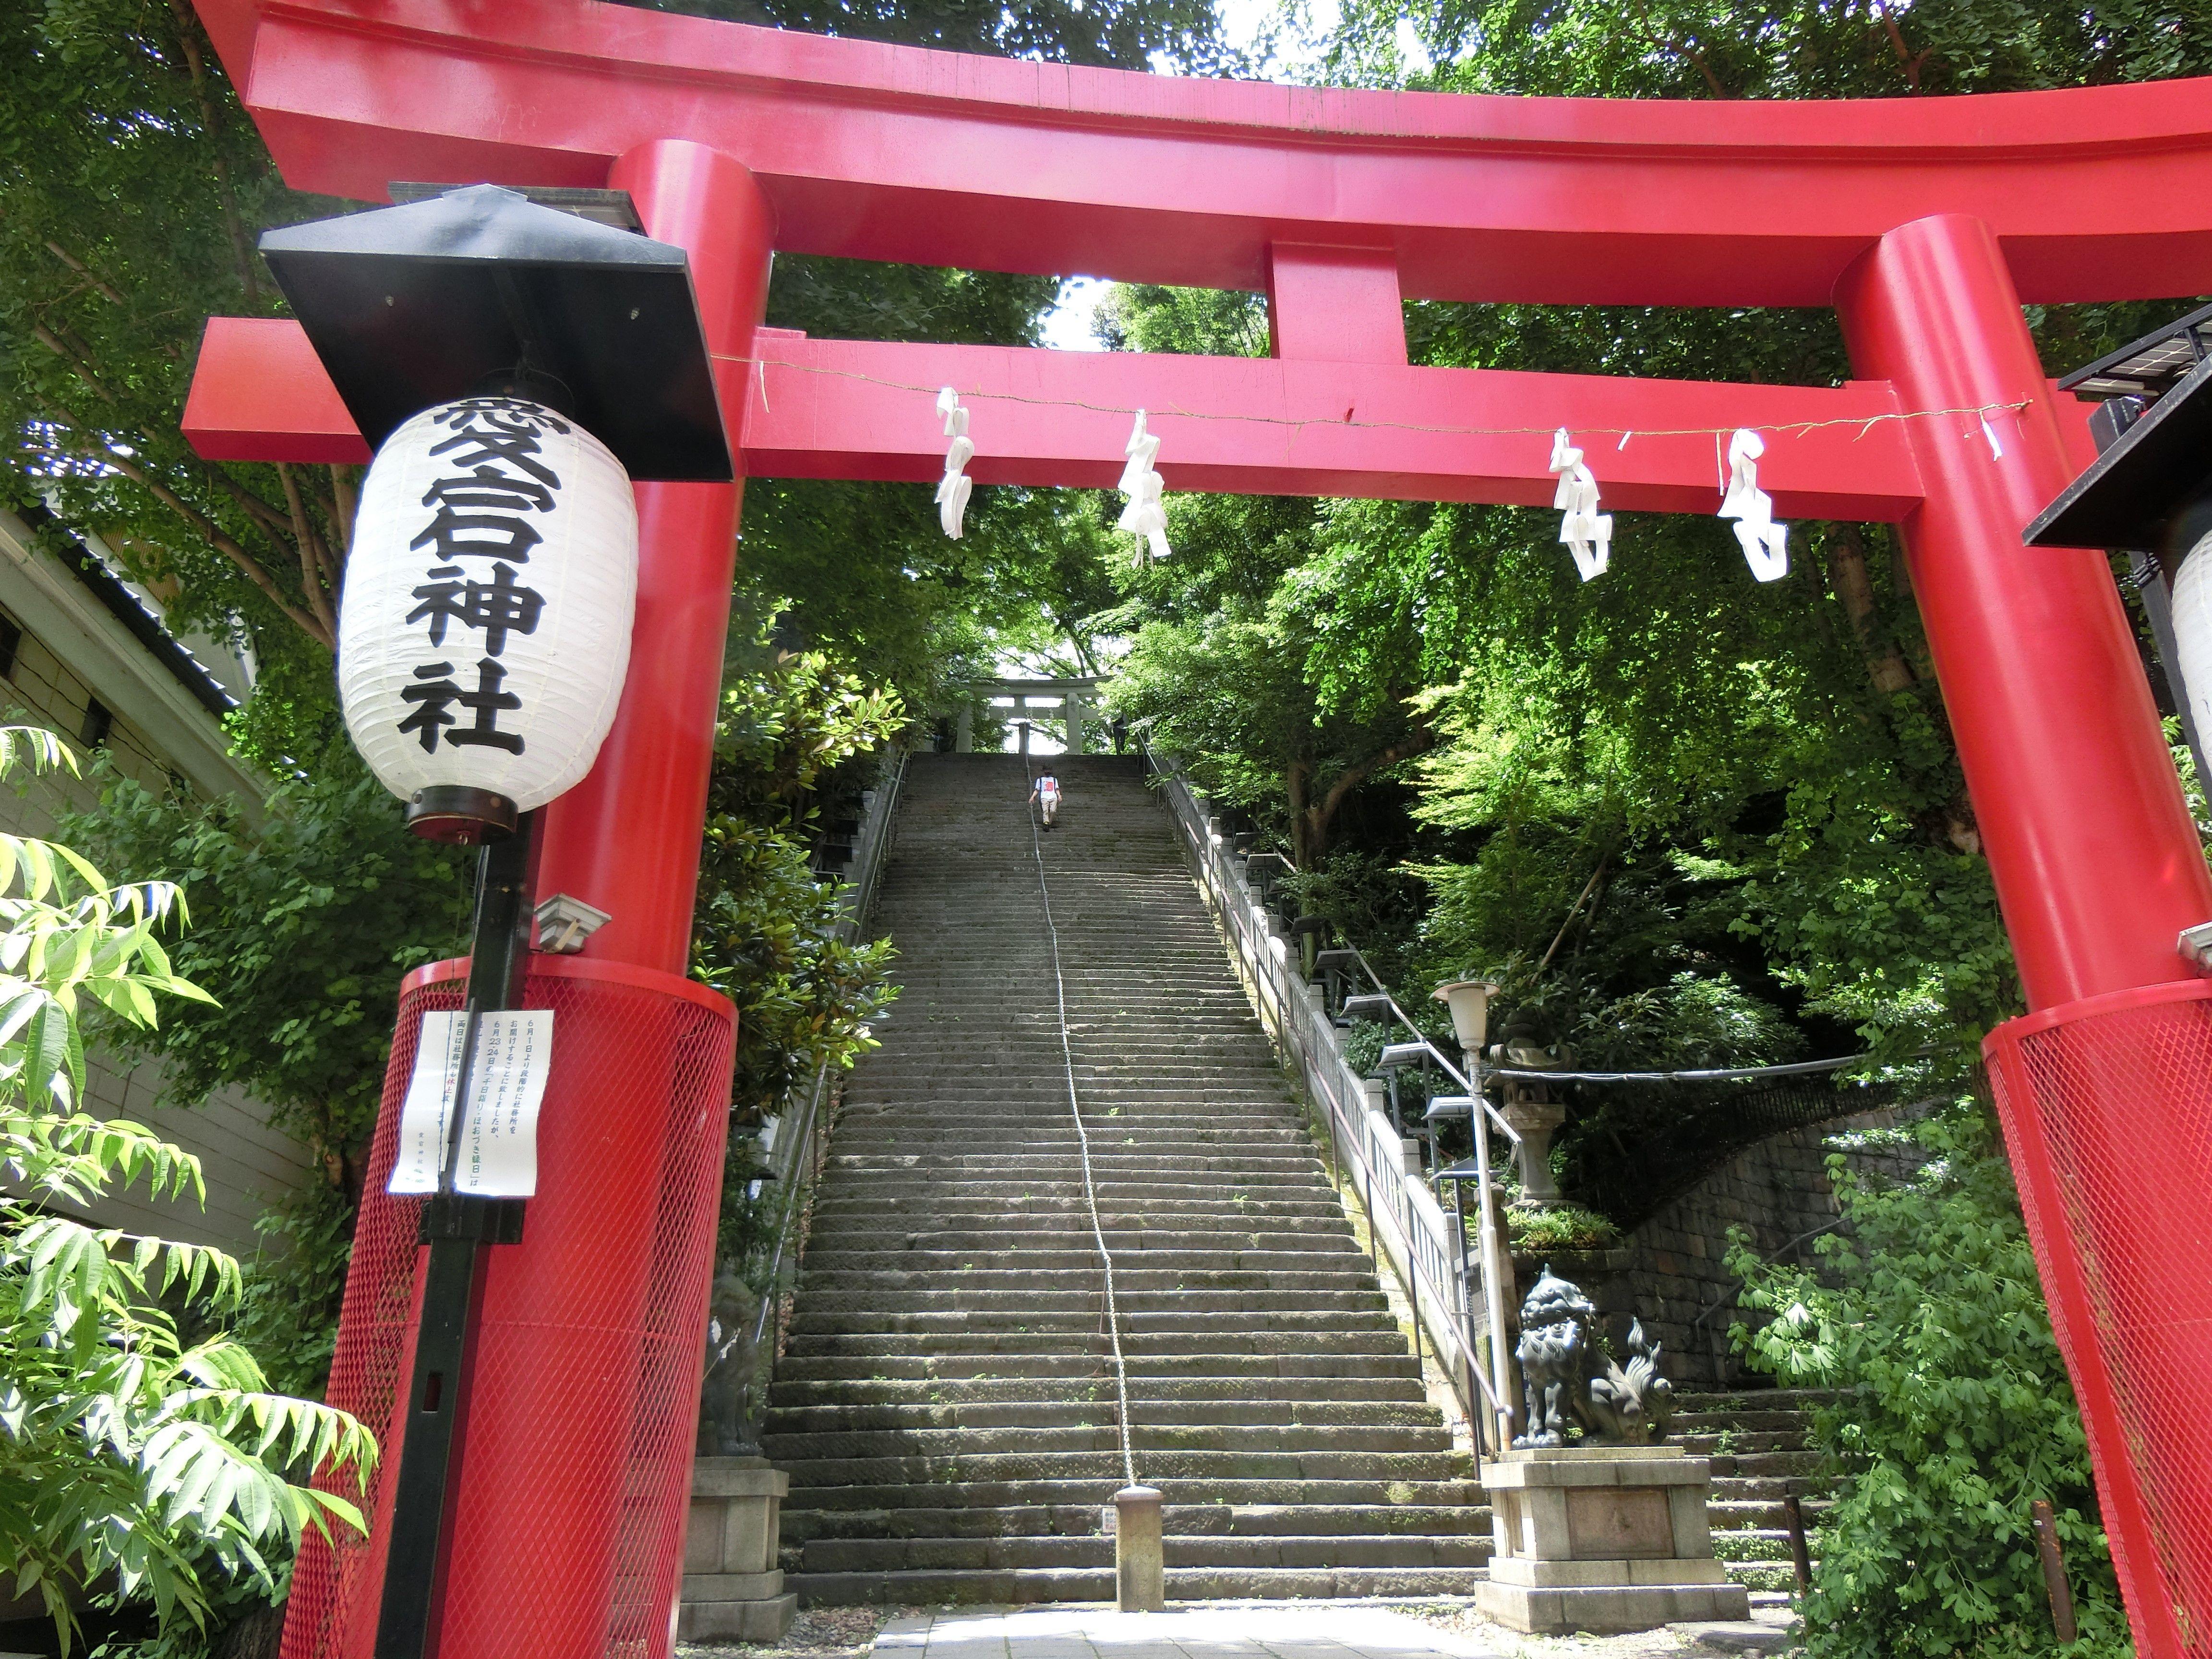 東京23区にも「山」があった! 都心の最高峰とは